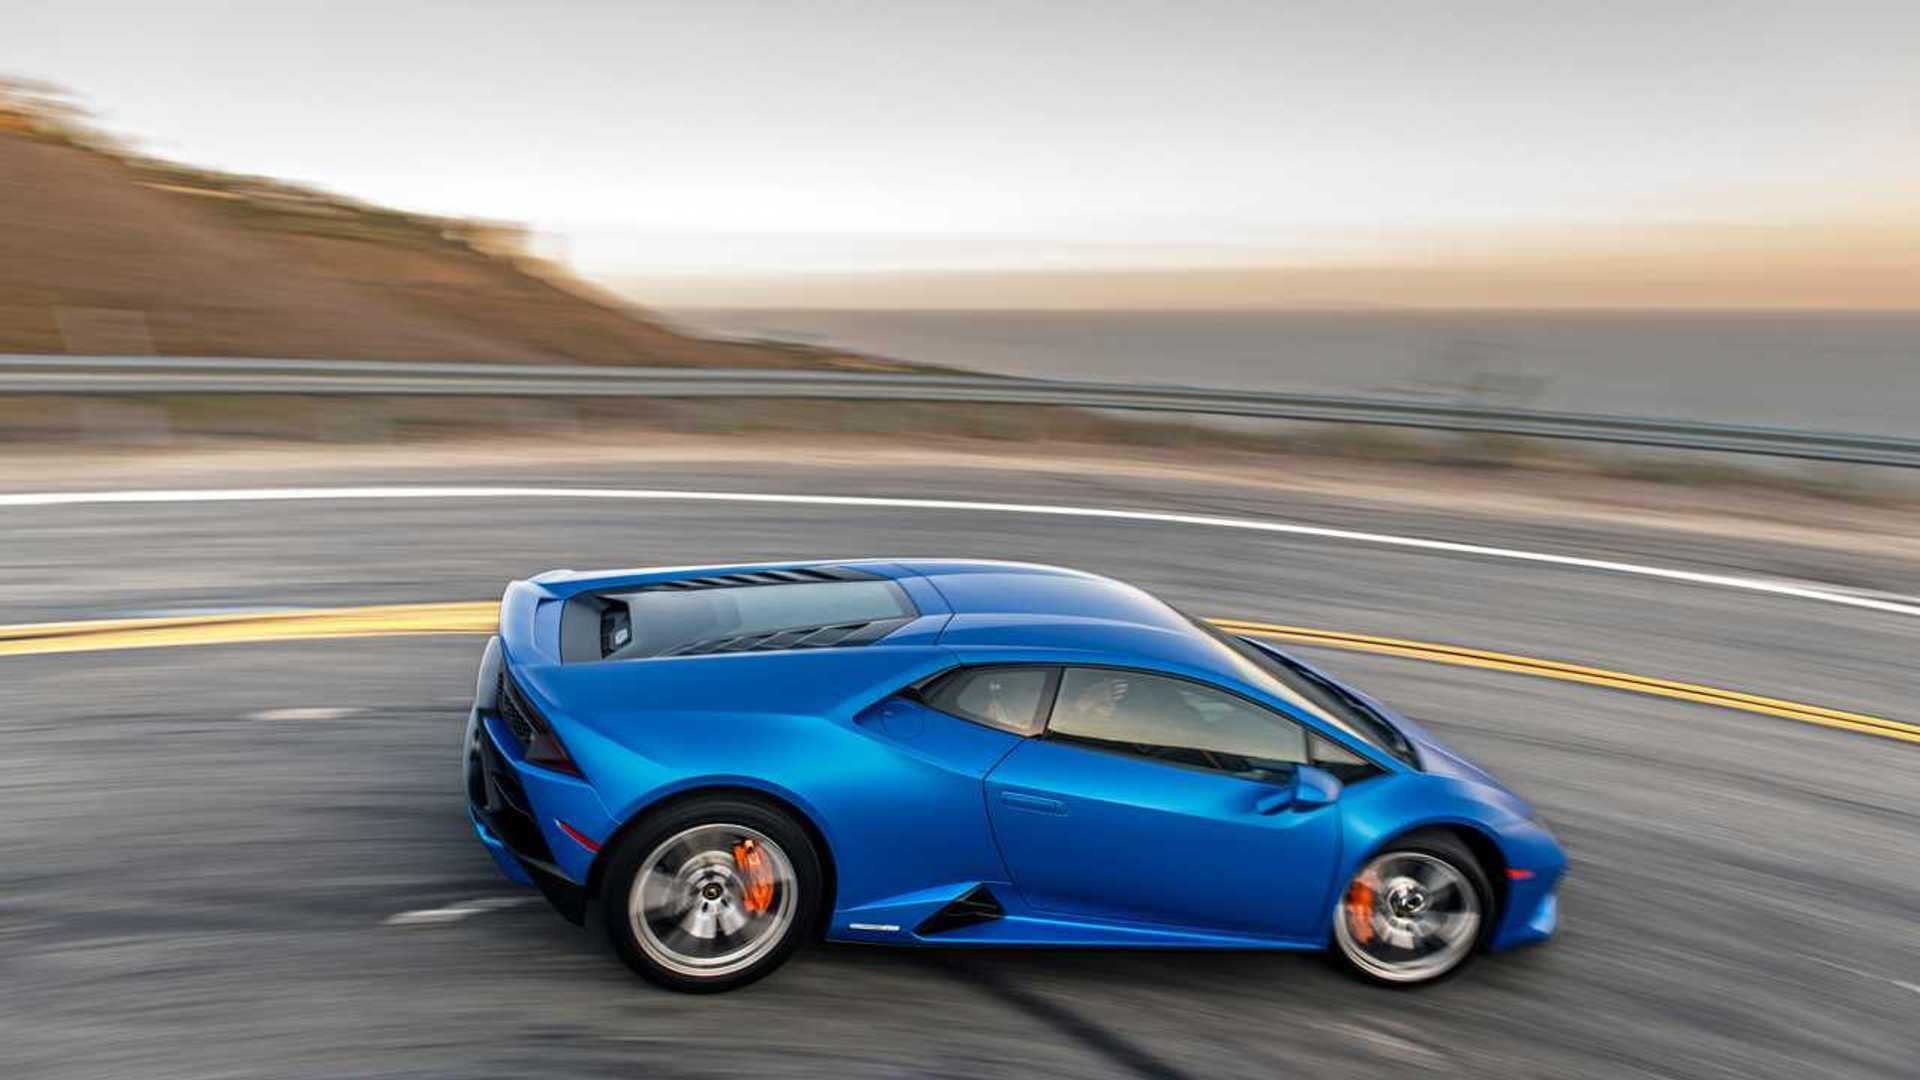 2020 Lamborghini Huracan Evo RWD profile action